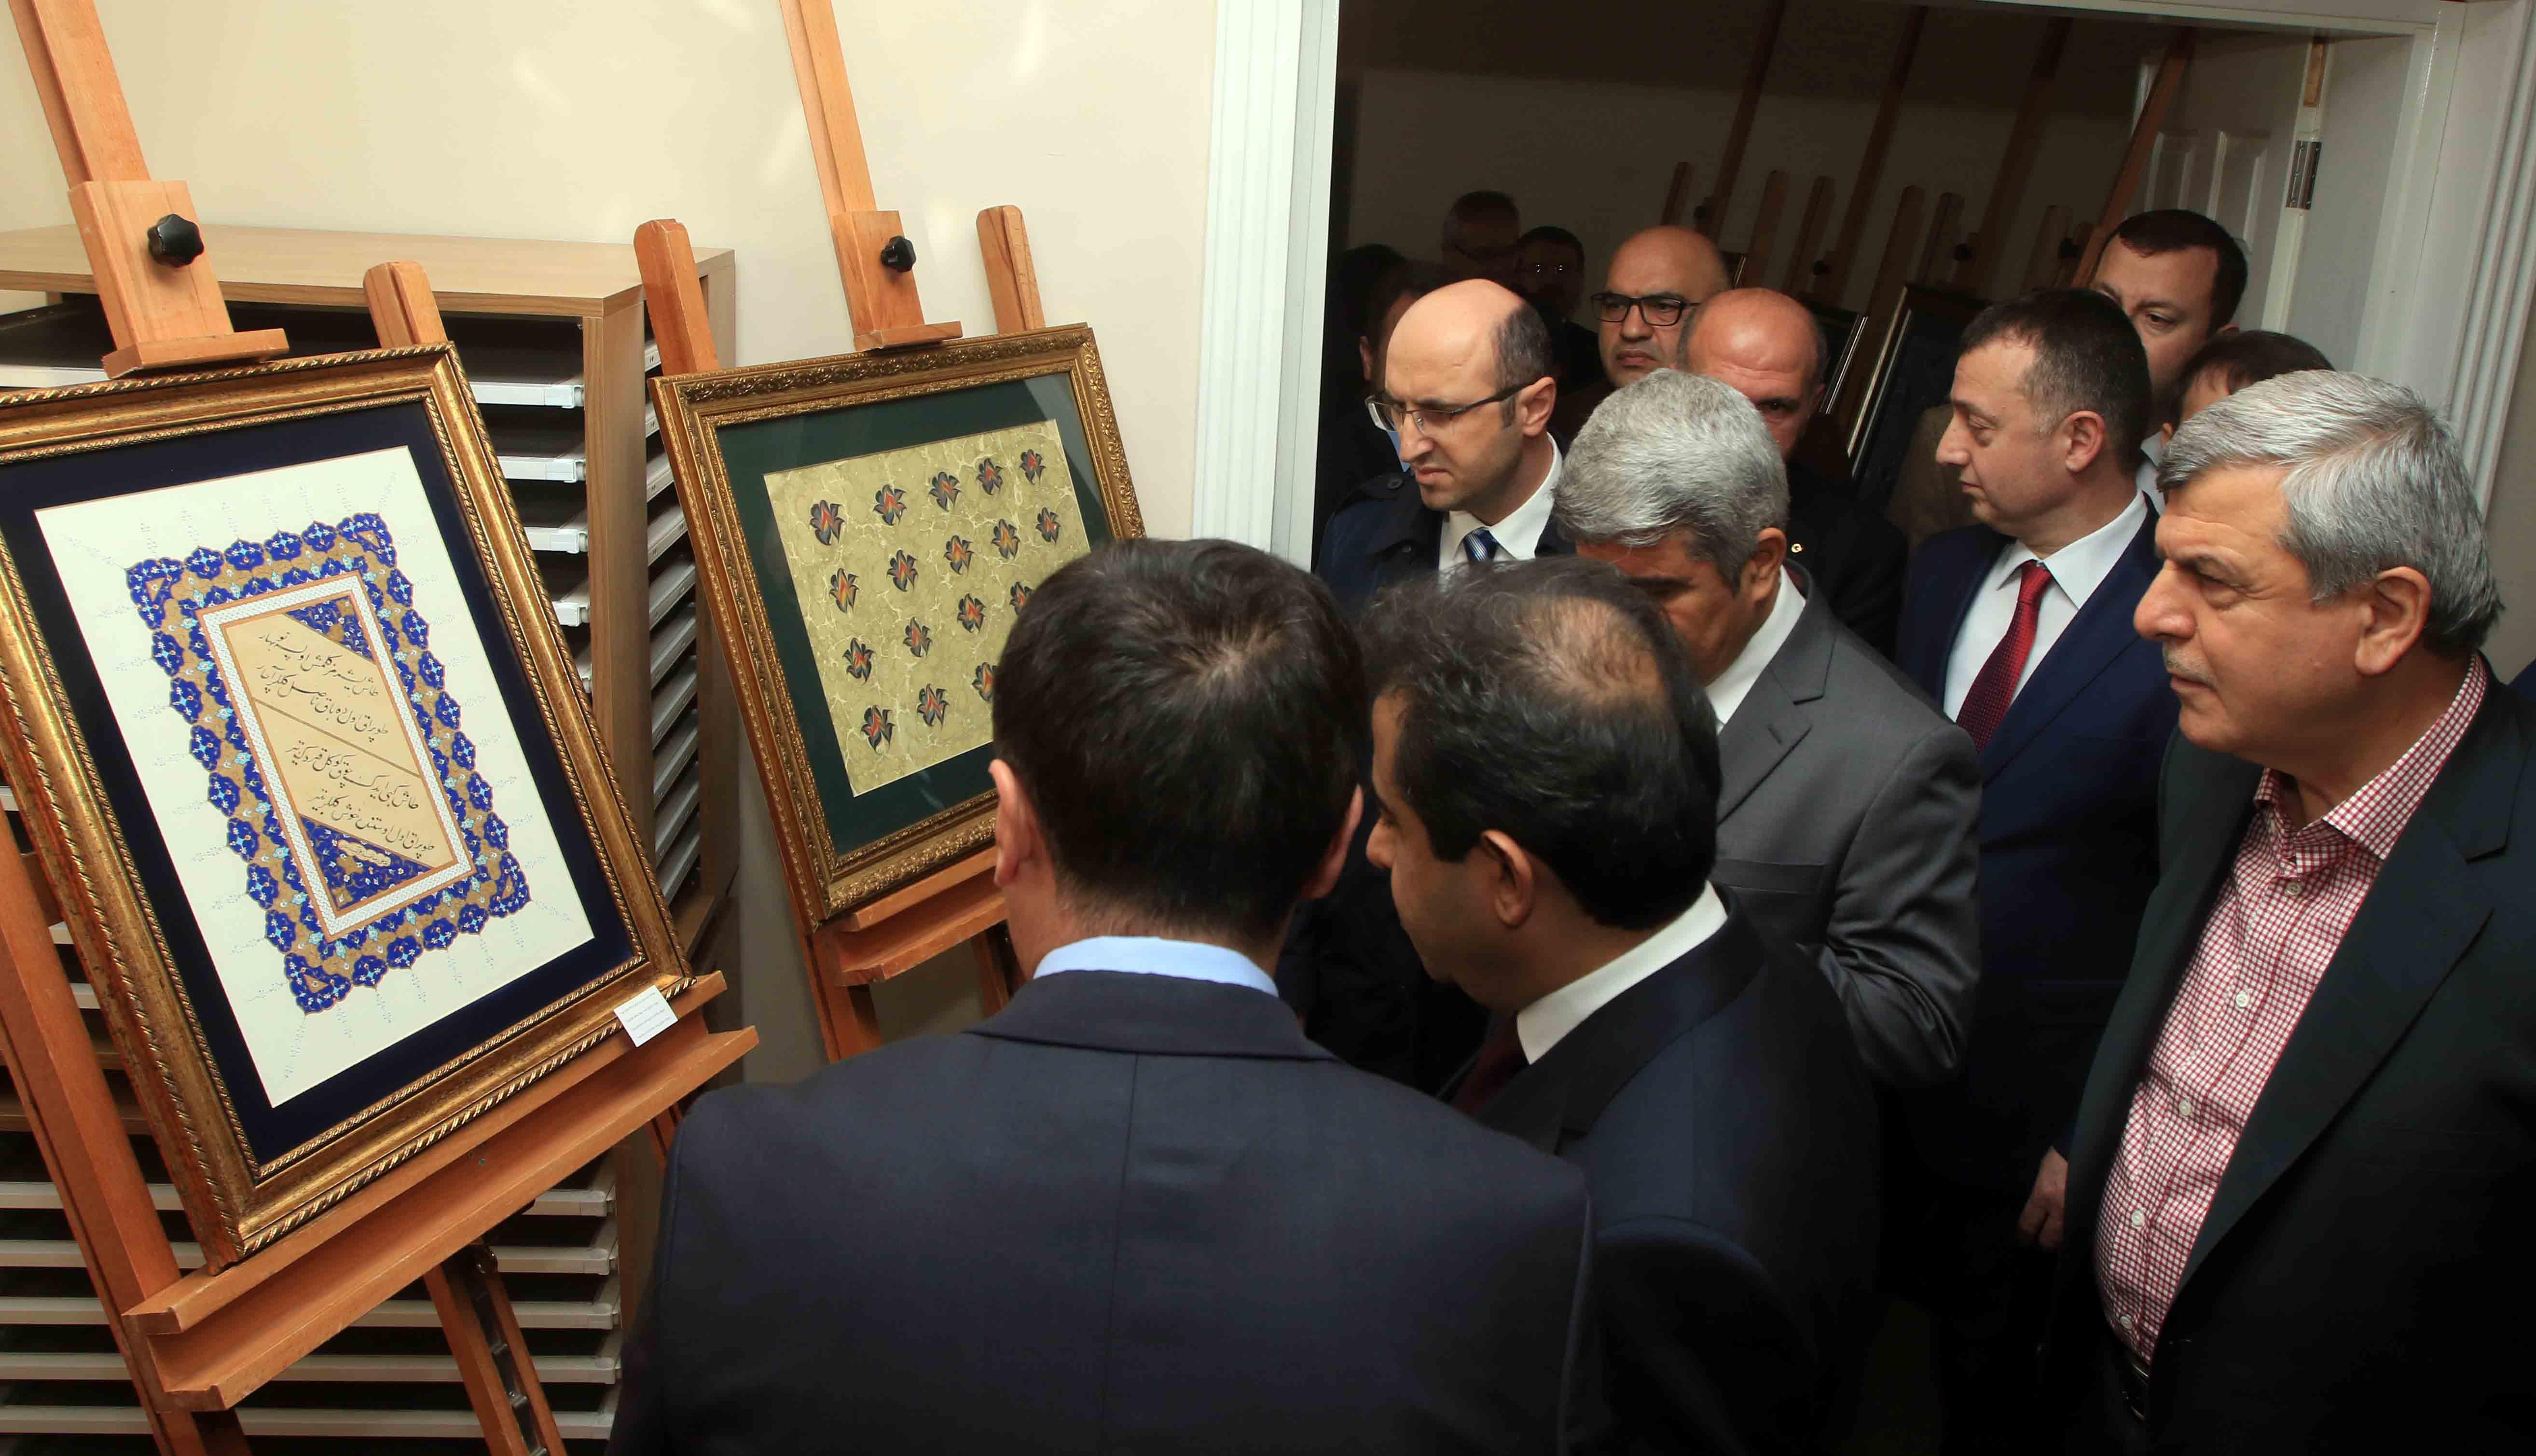 Kocaeli'de bir Kültür Evi daha açıldı